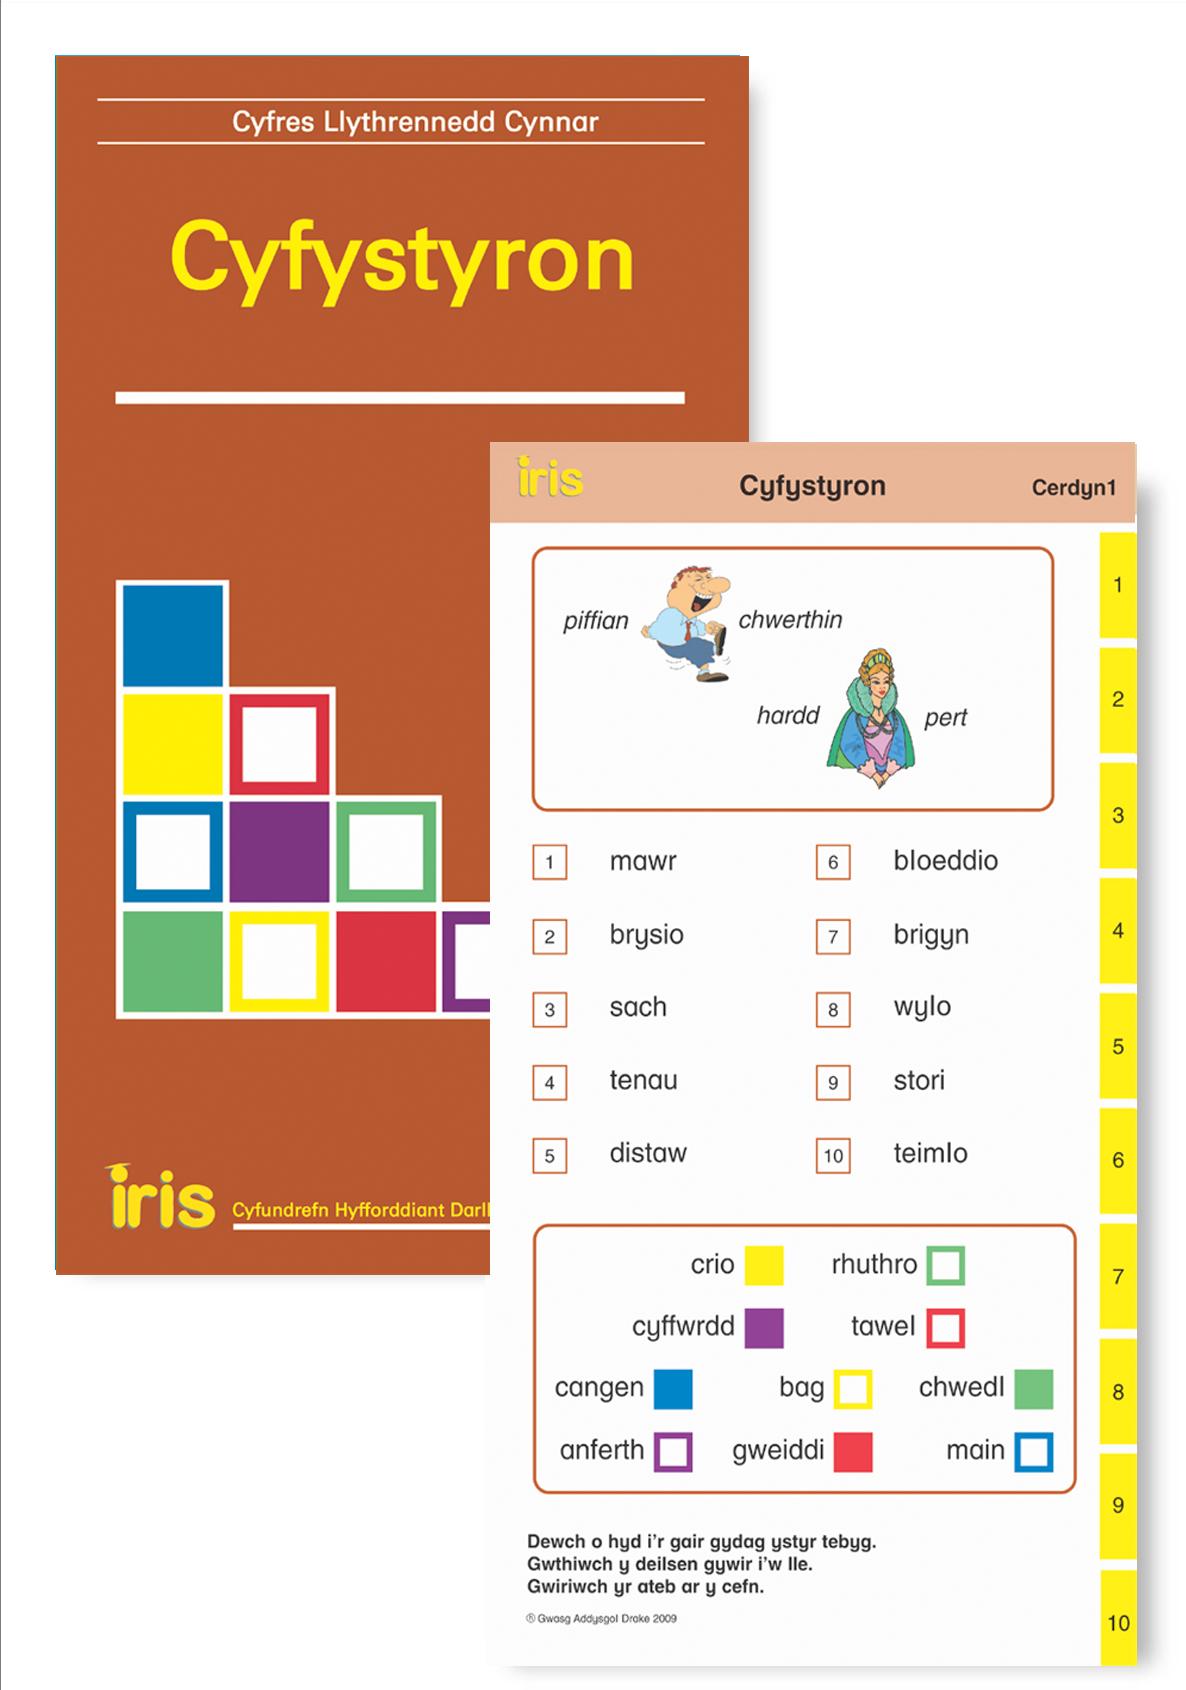 Cyfystyron